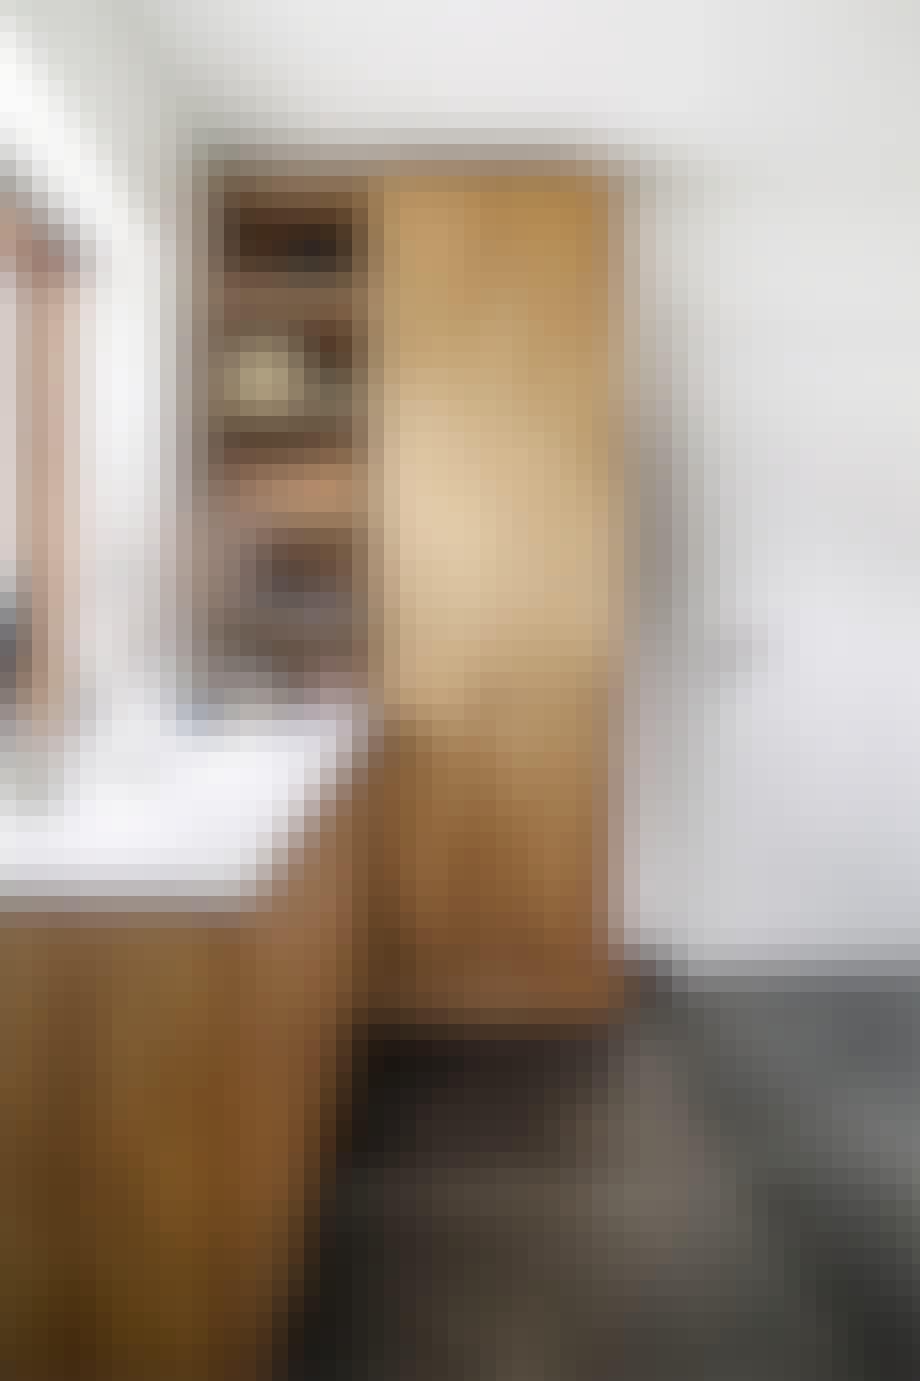 bolig indretning klampenborg villa bungalow badeværelse